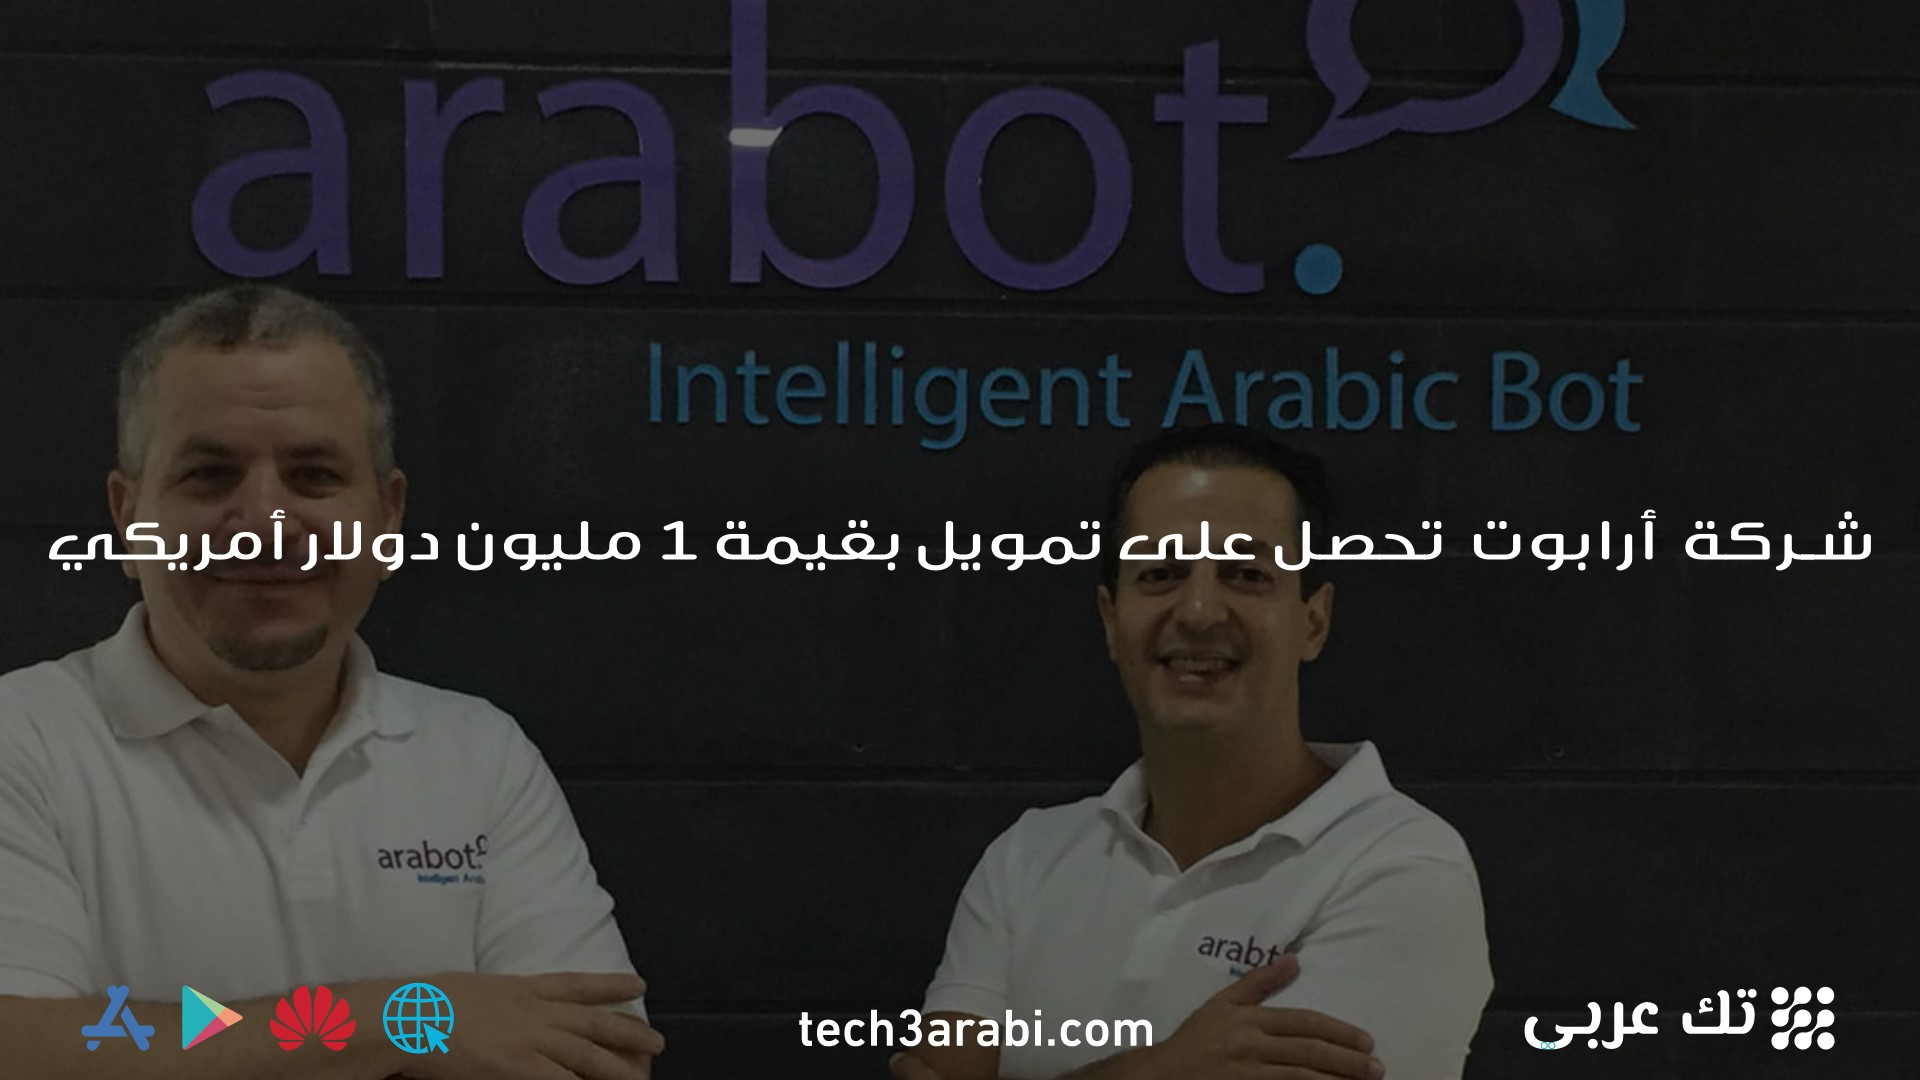 شركة أرابوت تحصل على تمويل بقيمة 1 مليون دولار أمريكي